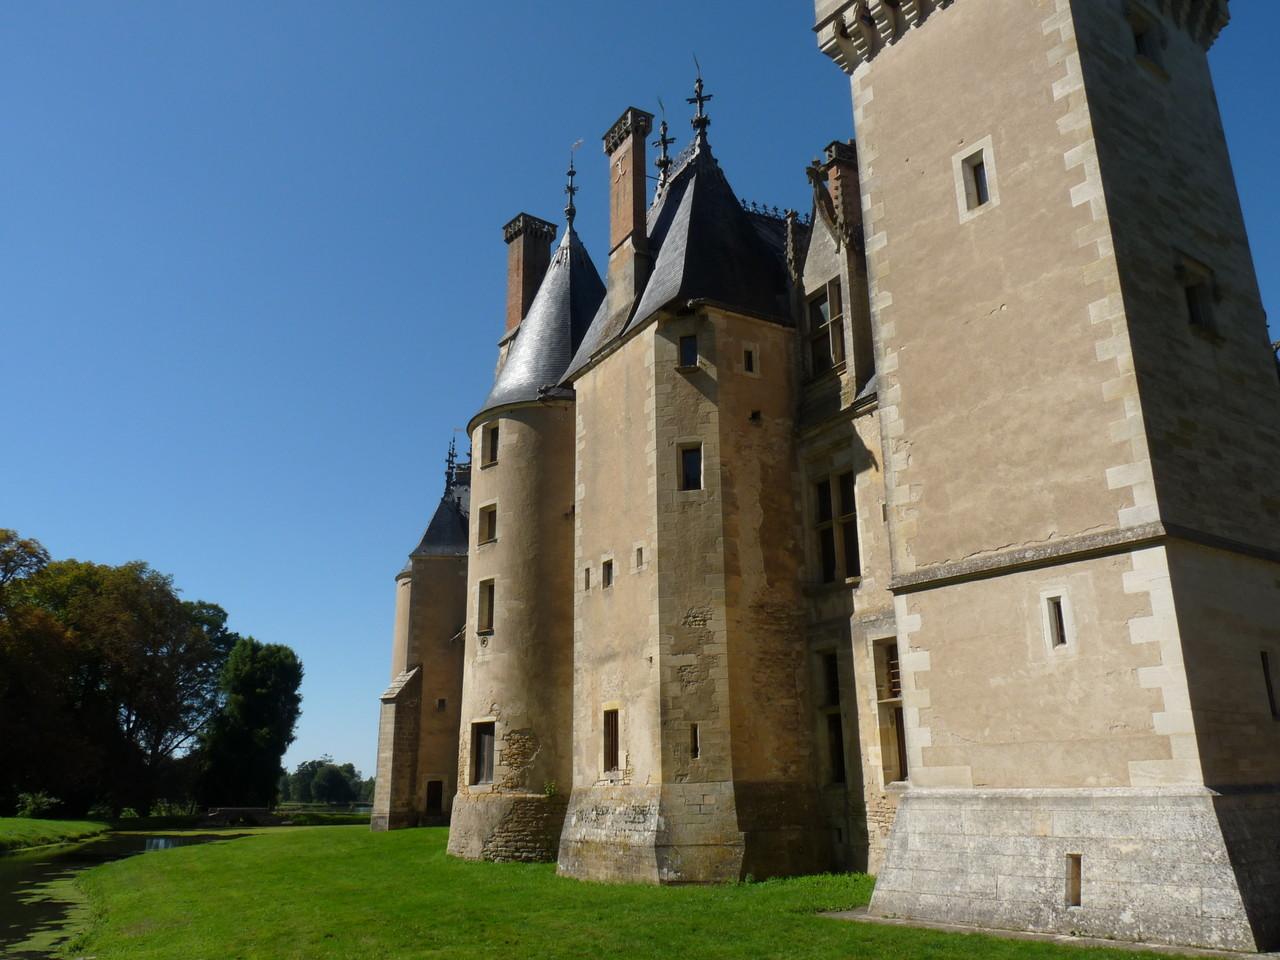 Meillant, le château : la façade arrière médiévale